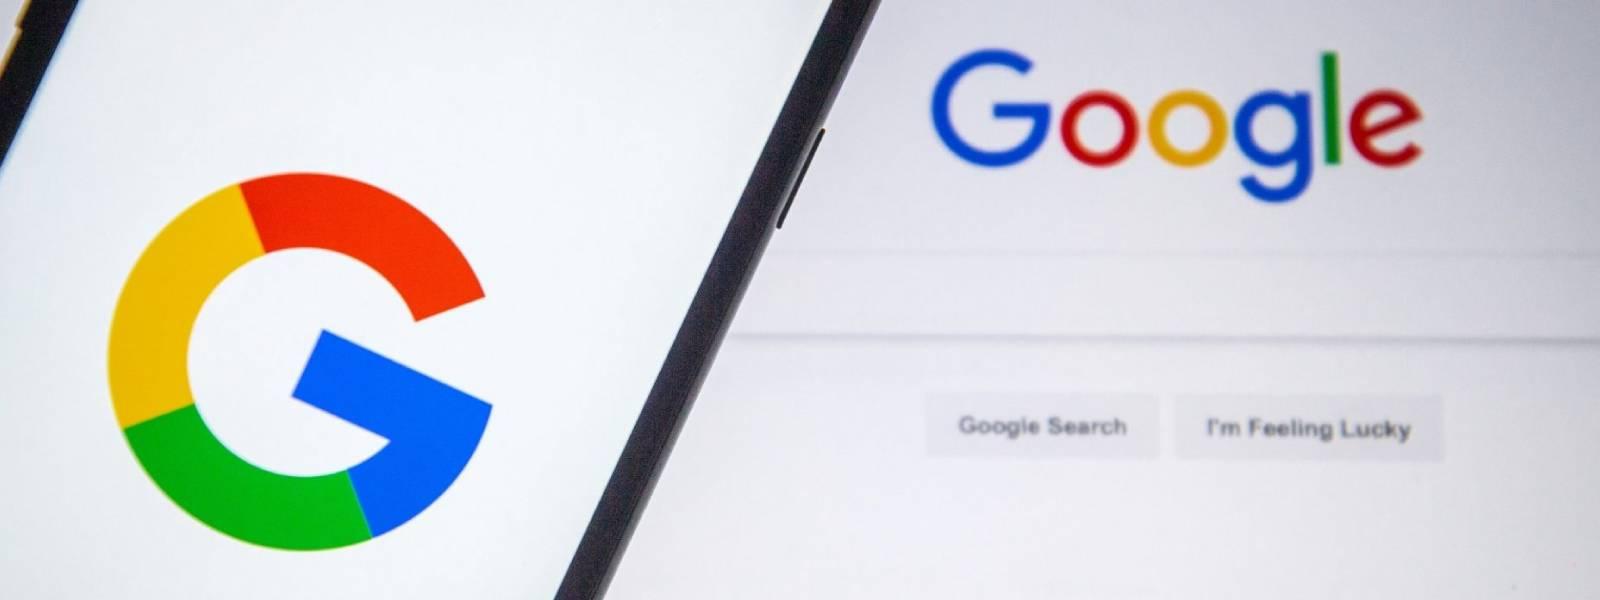 Coronavirus, deaths; Sri Lanka's popular Google search topics